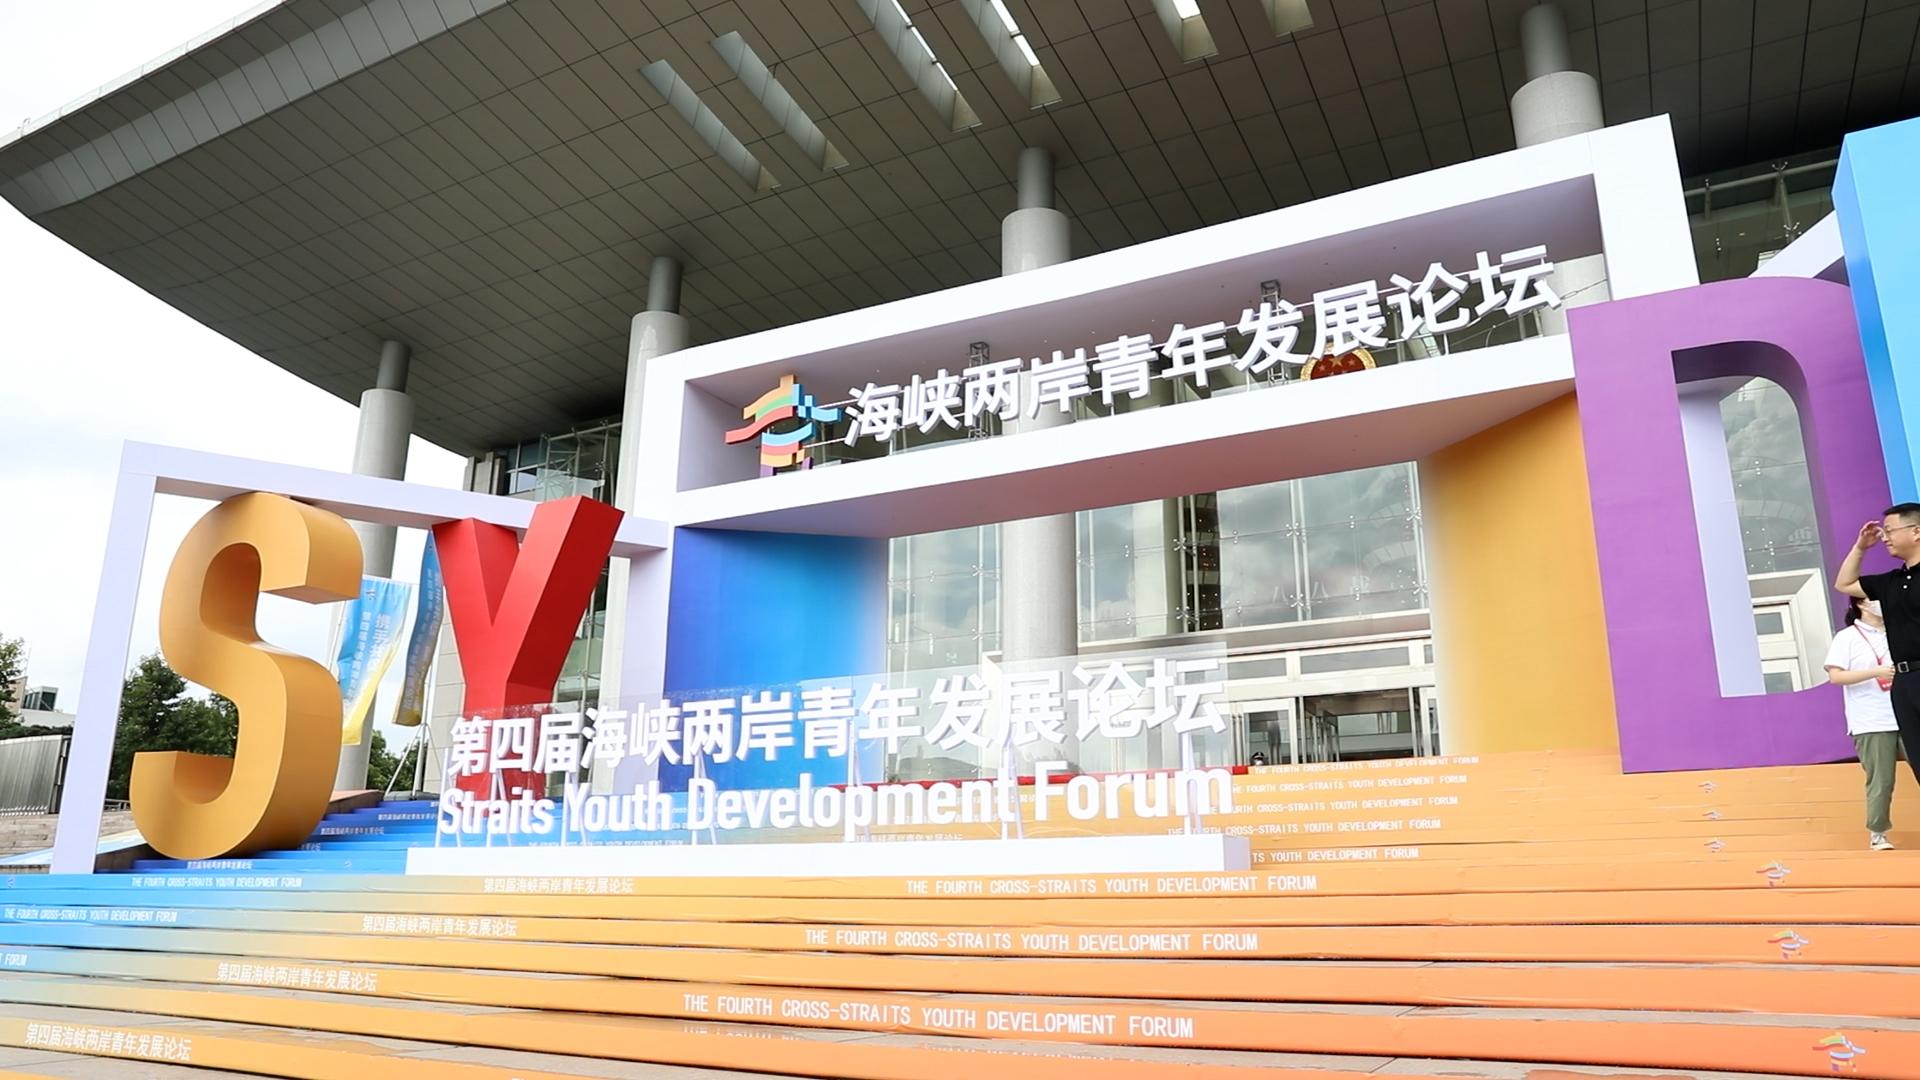 第四届海峡两岸青年发展论坛在浙江省杭州市开幕图片